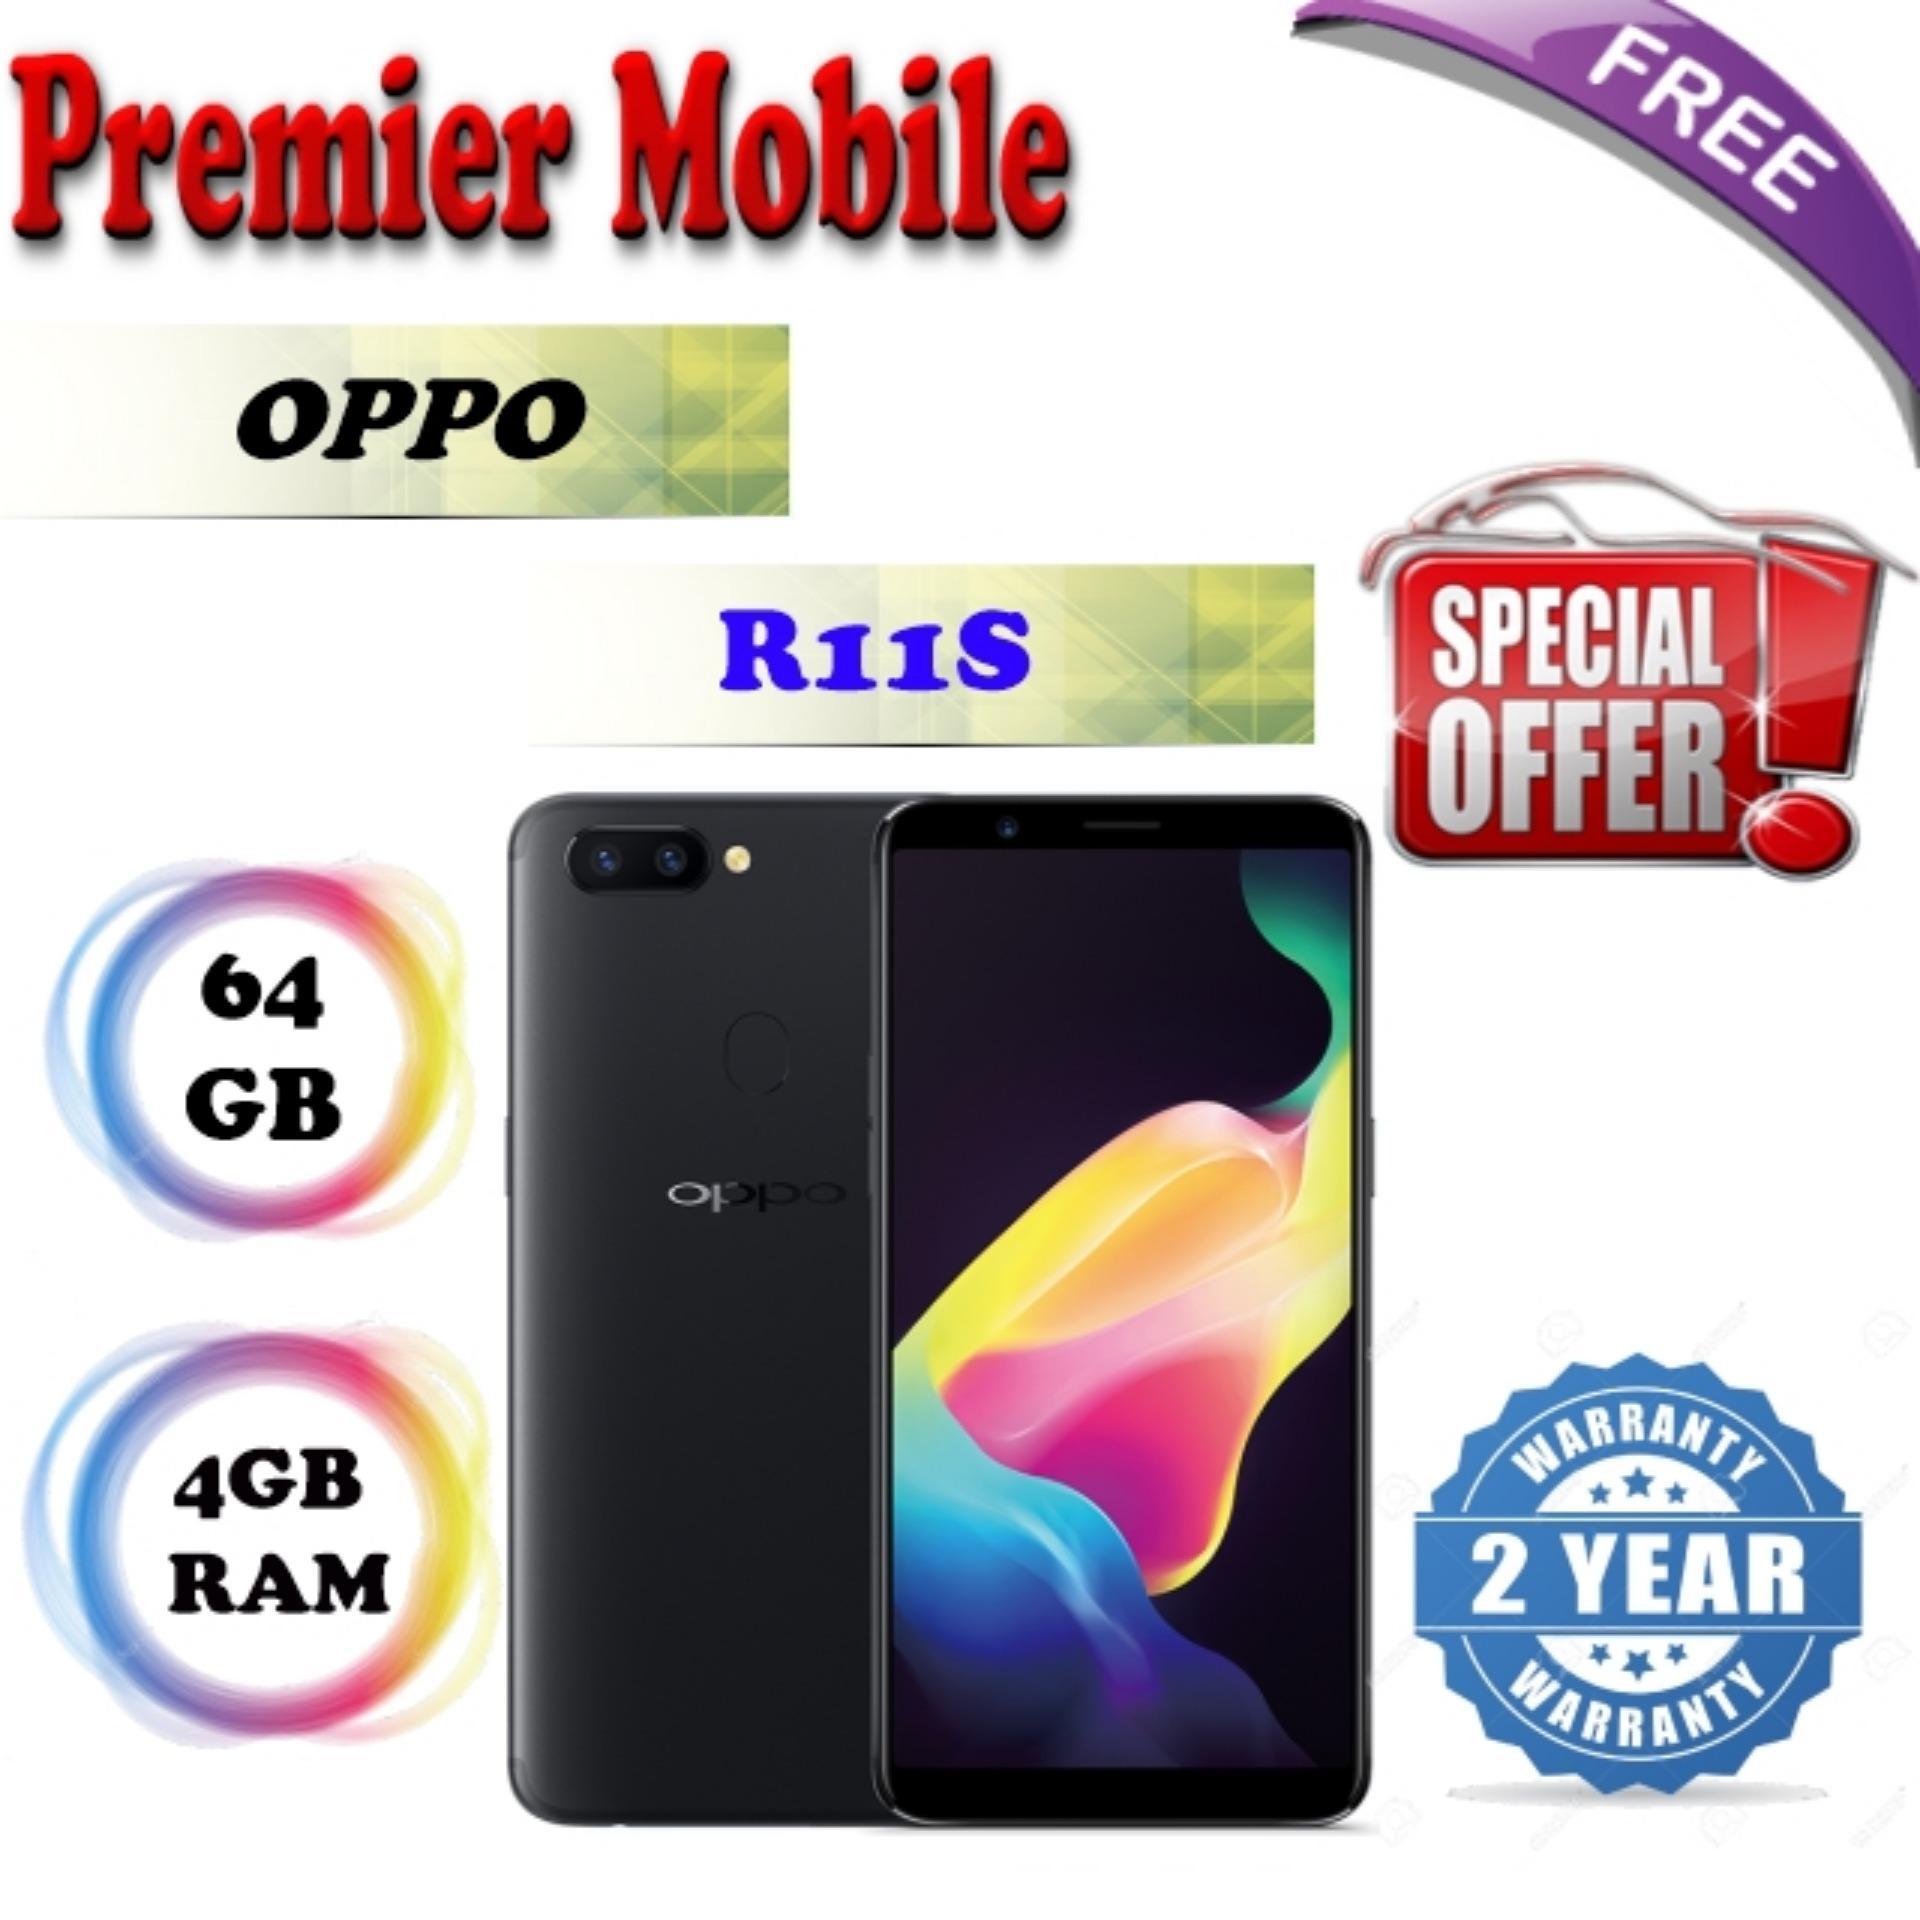 Oppo R11S 2 Year Warranty